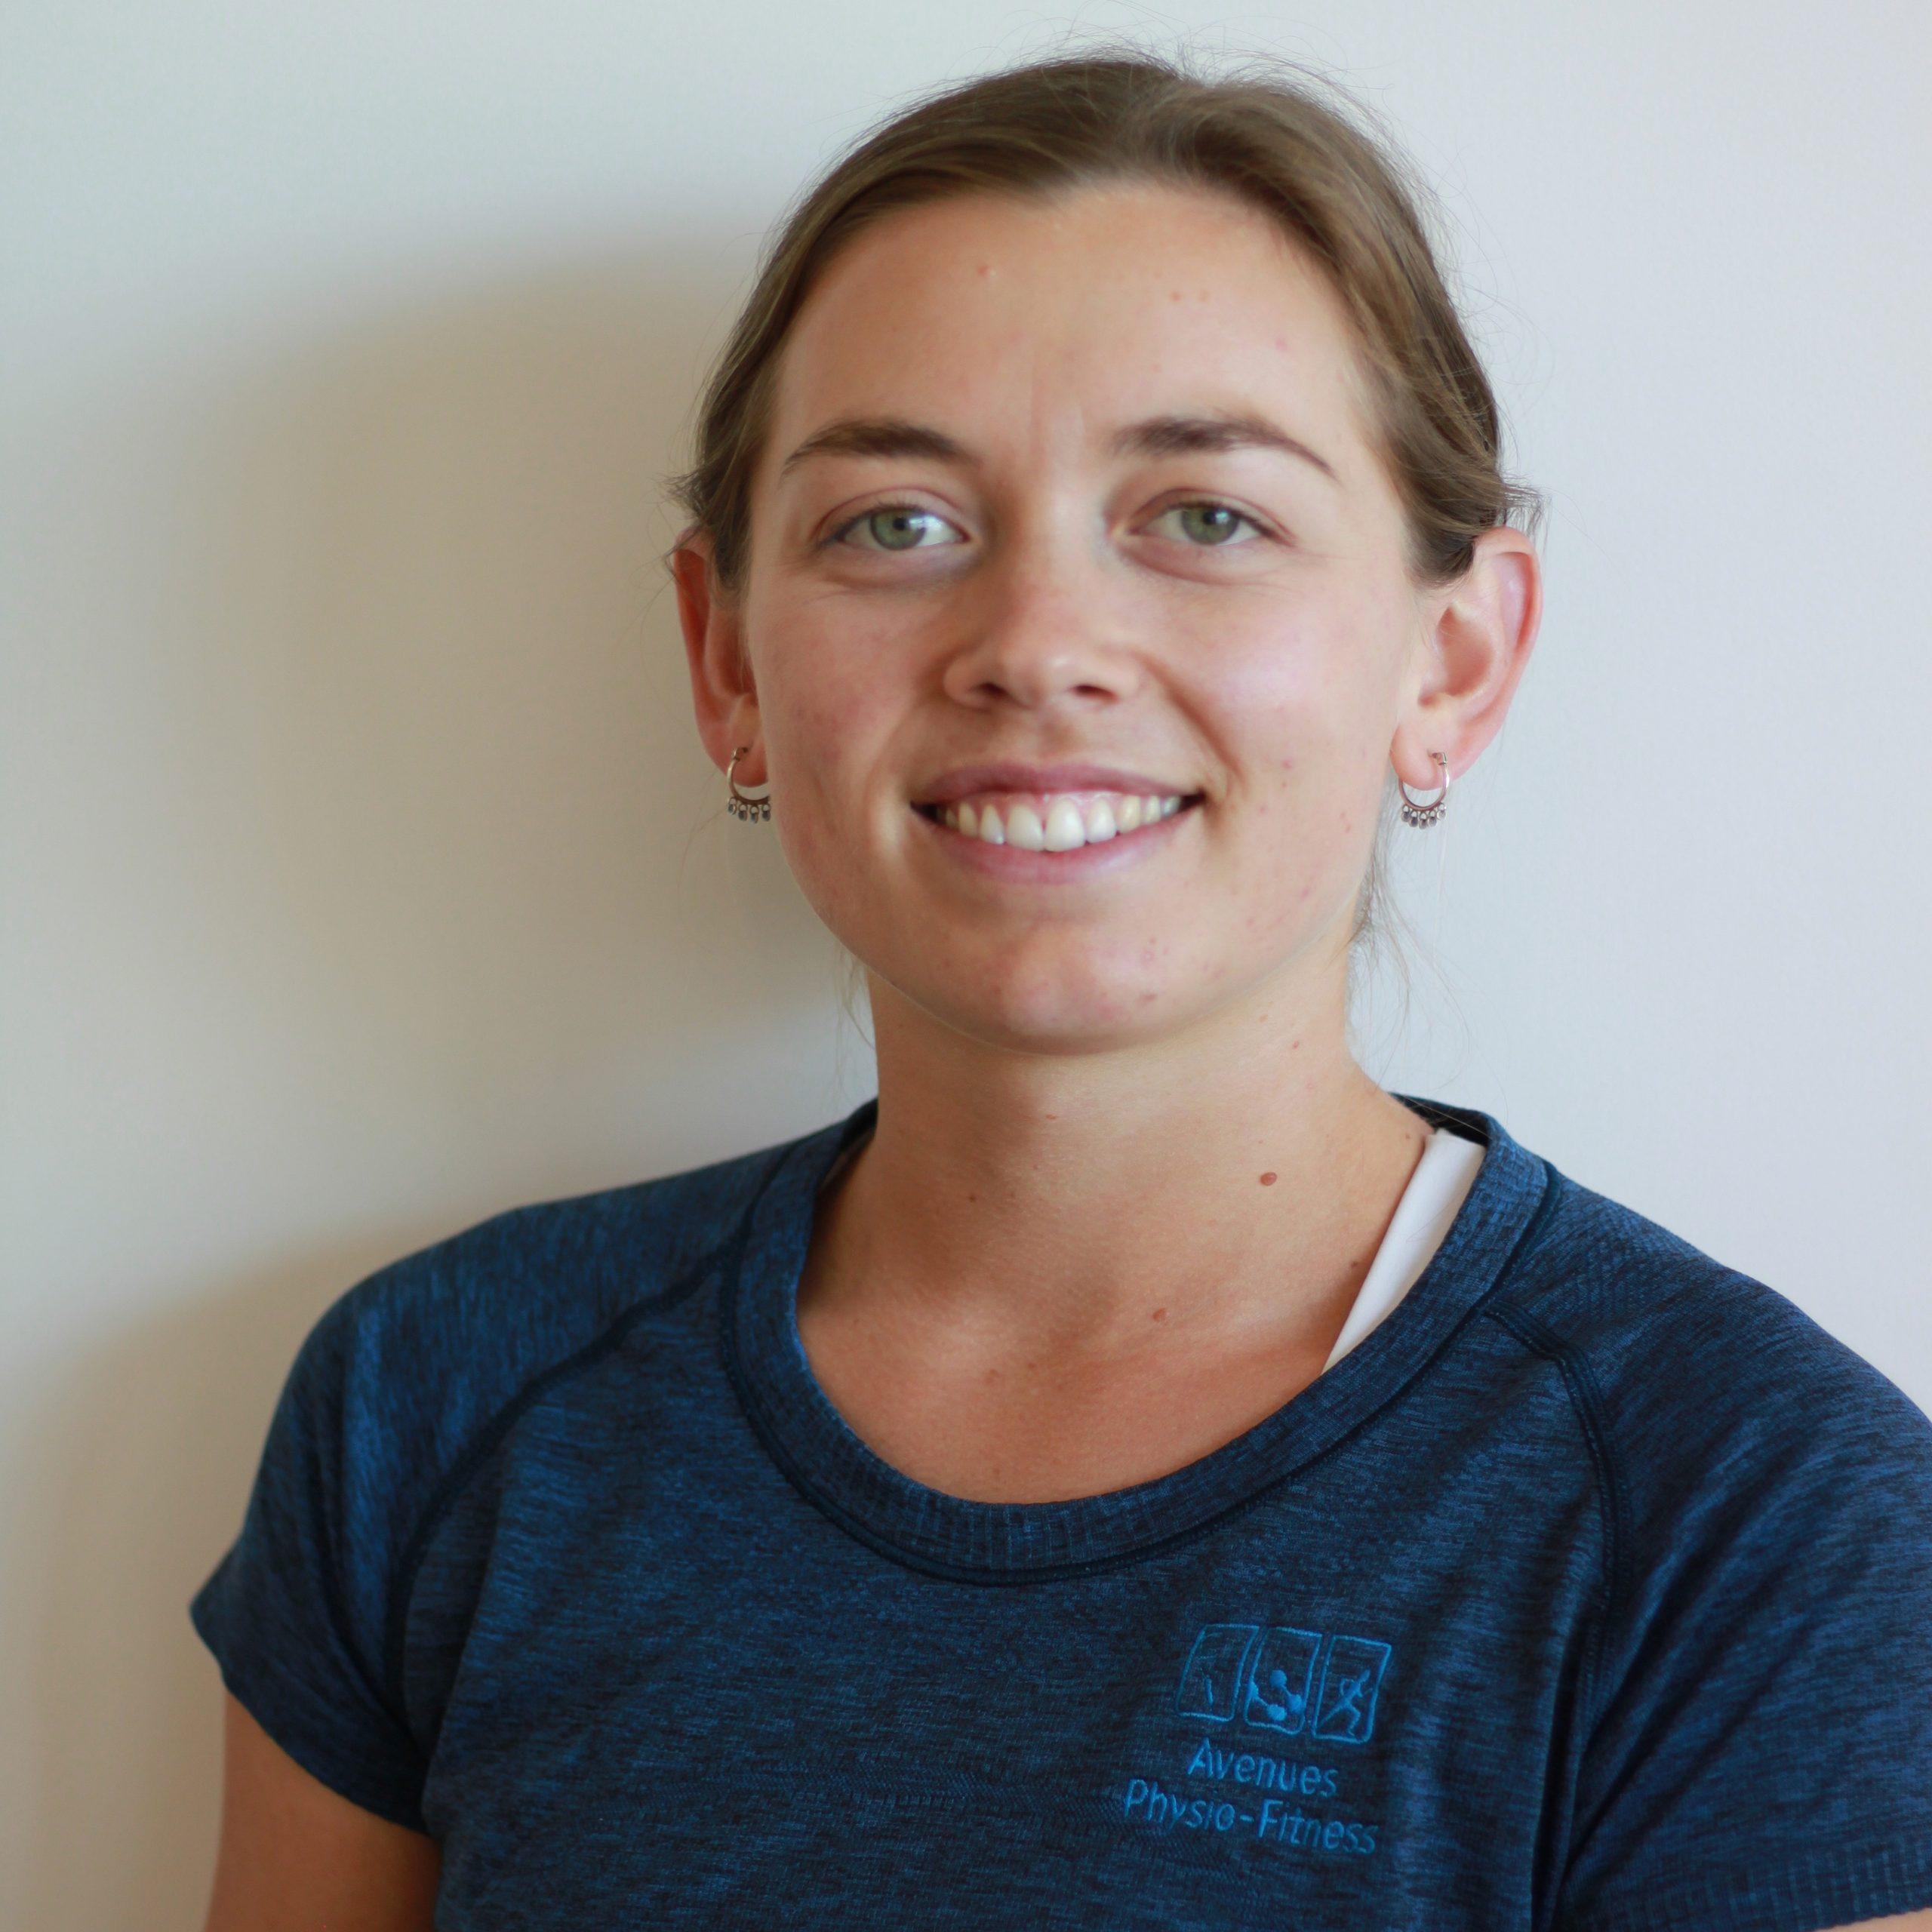 Maddie Lysaght